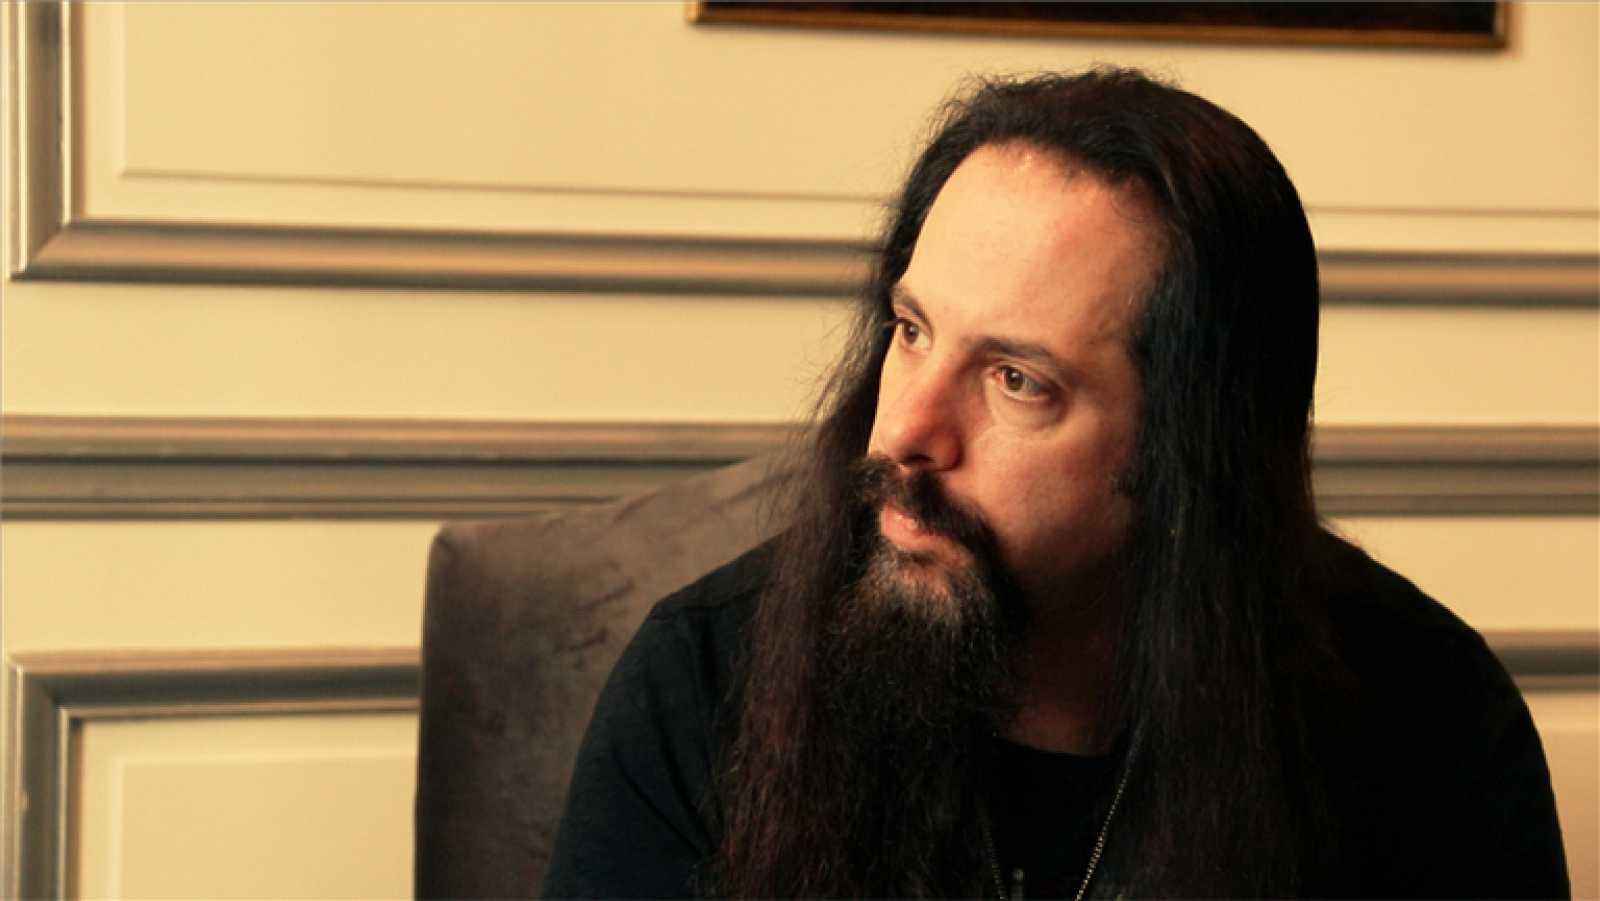 Entrevista a John Petrucci de Dream Theater - Ver ahora